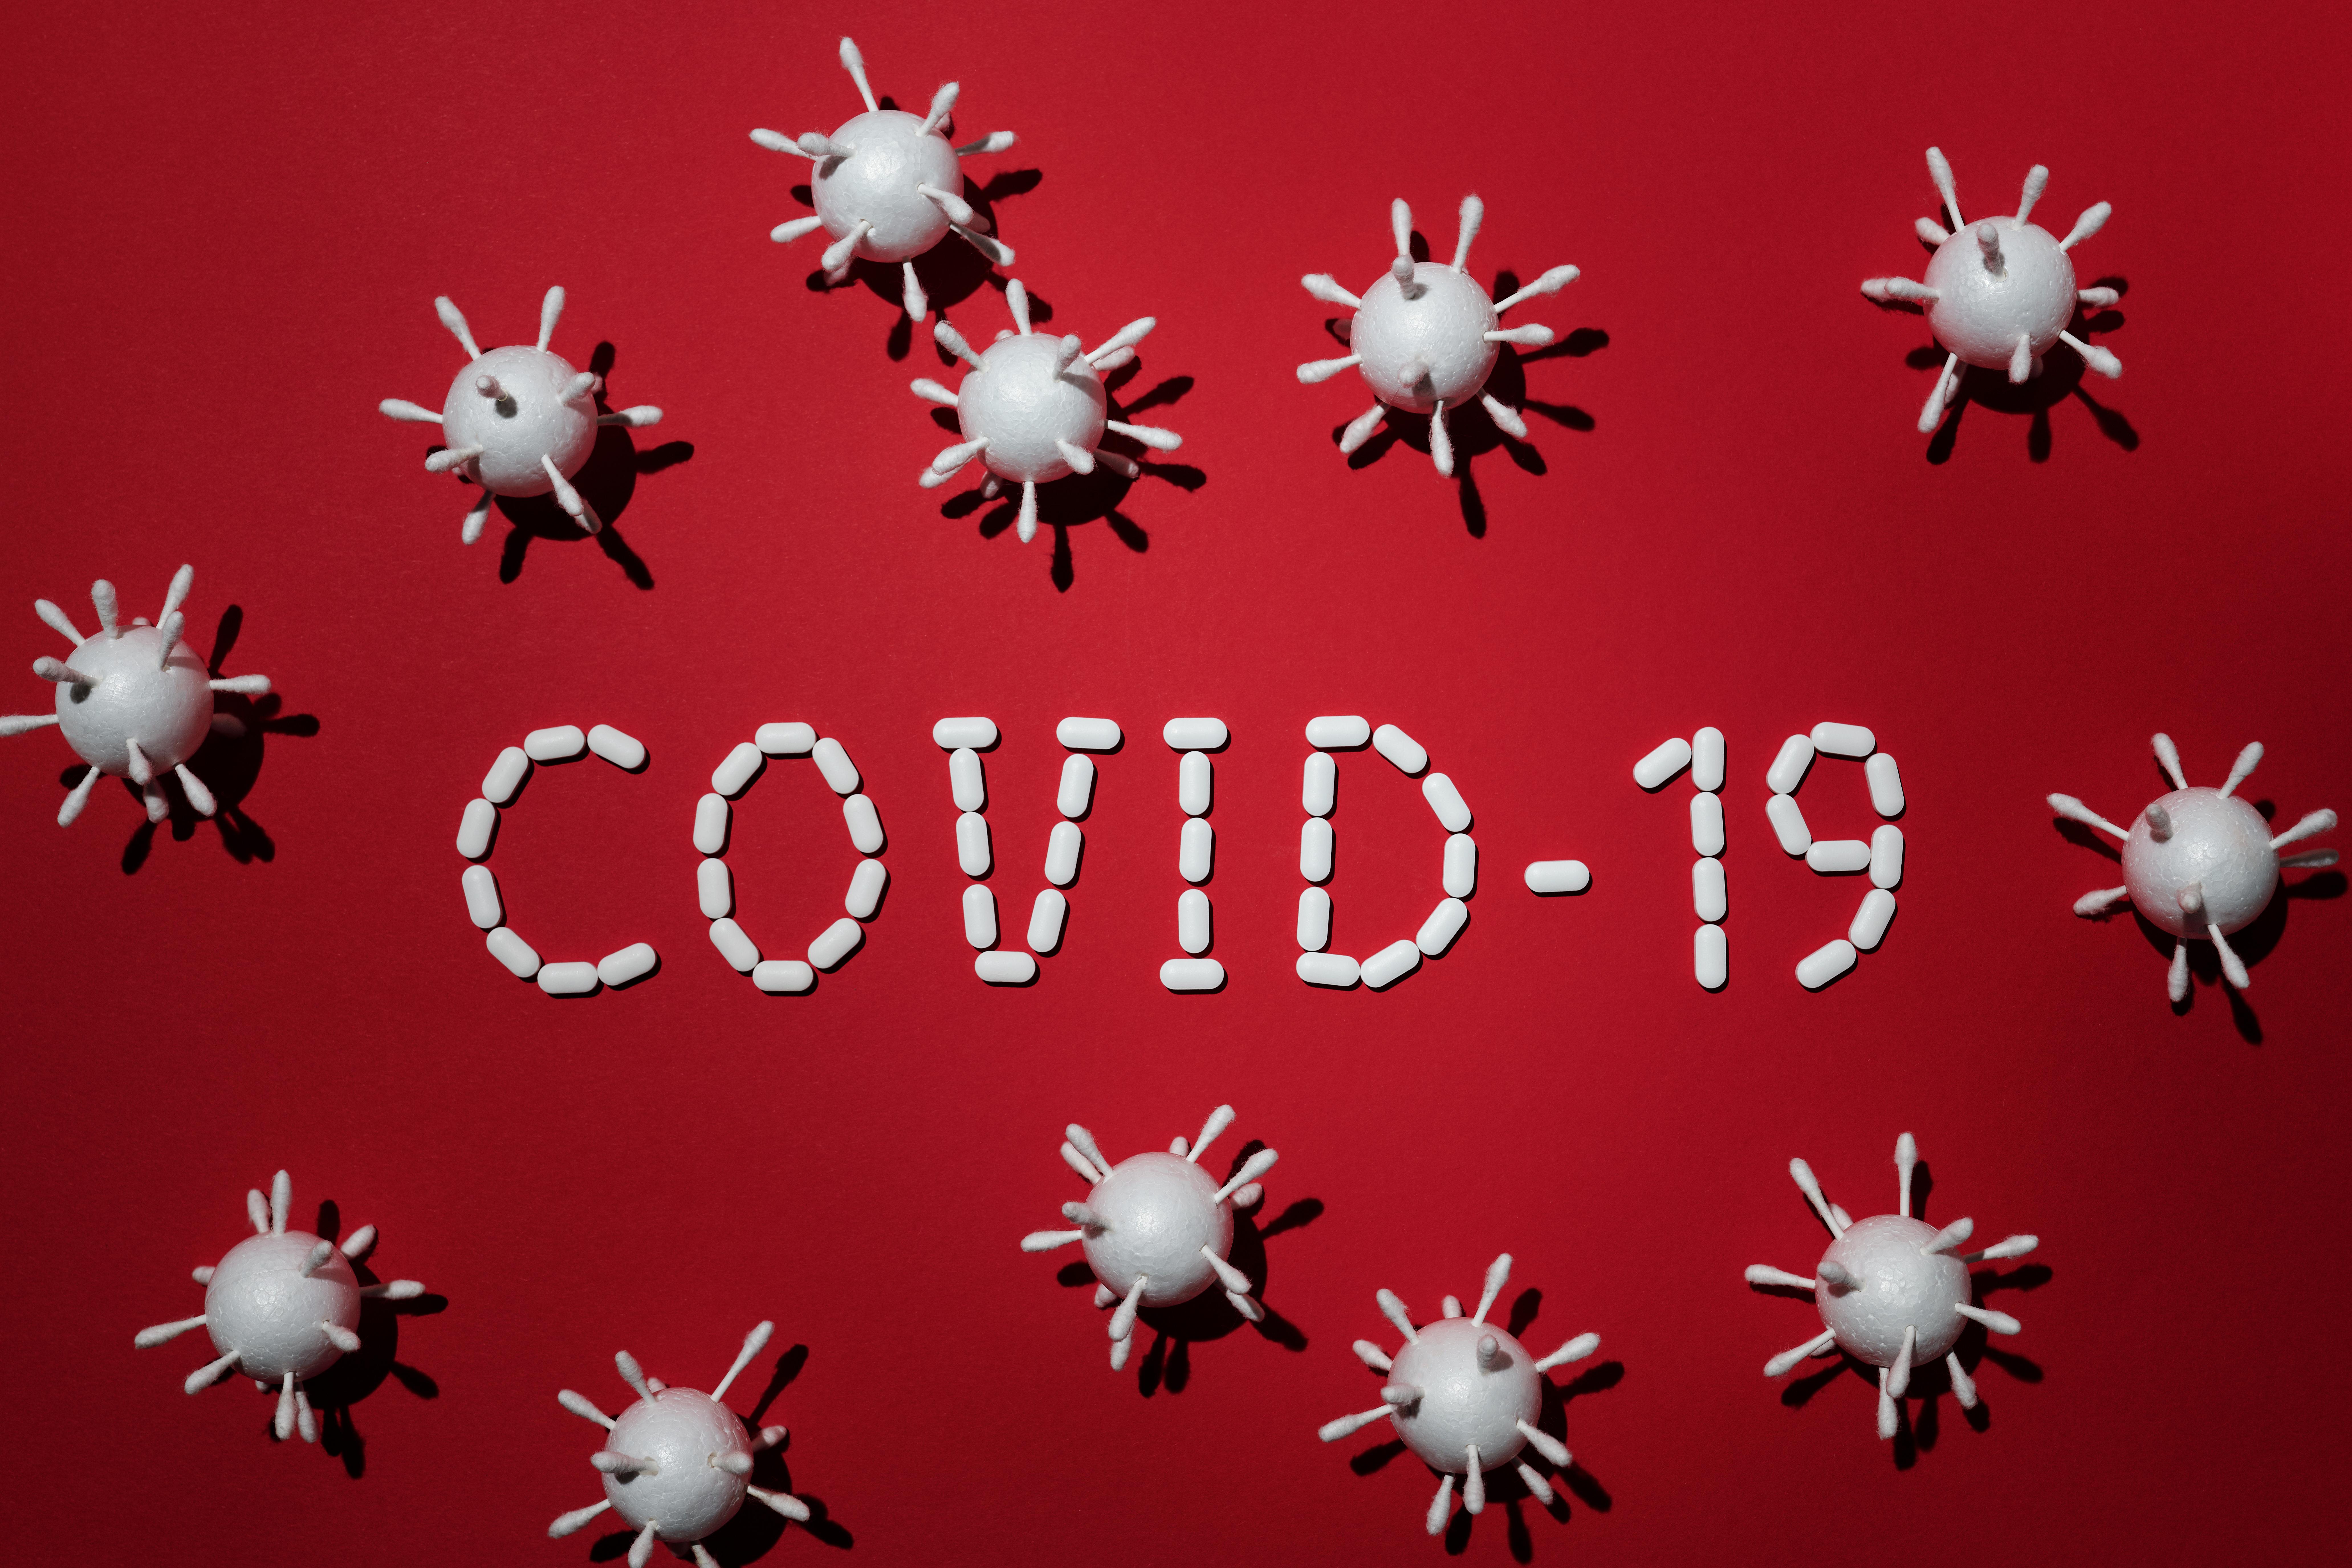 Schriftzug: Covid 19; aus weißen Tabletten auf rotem Hintergrund